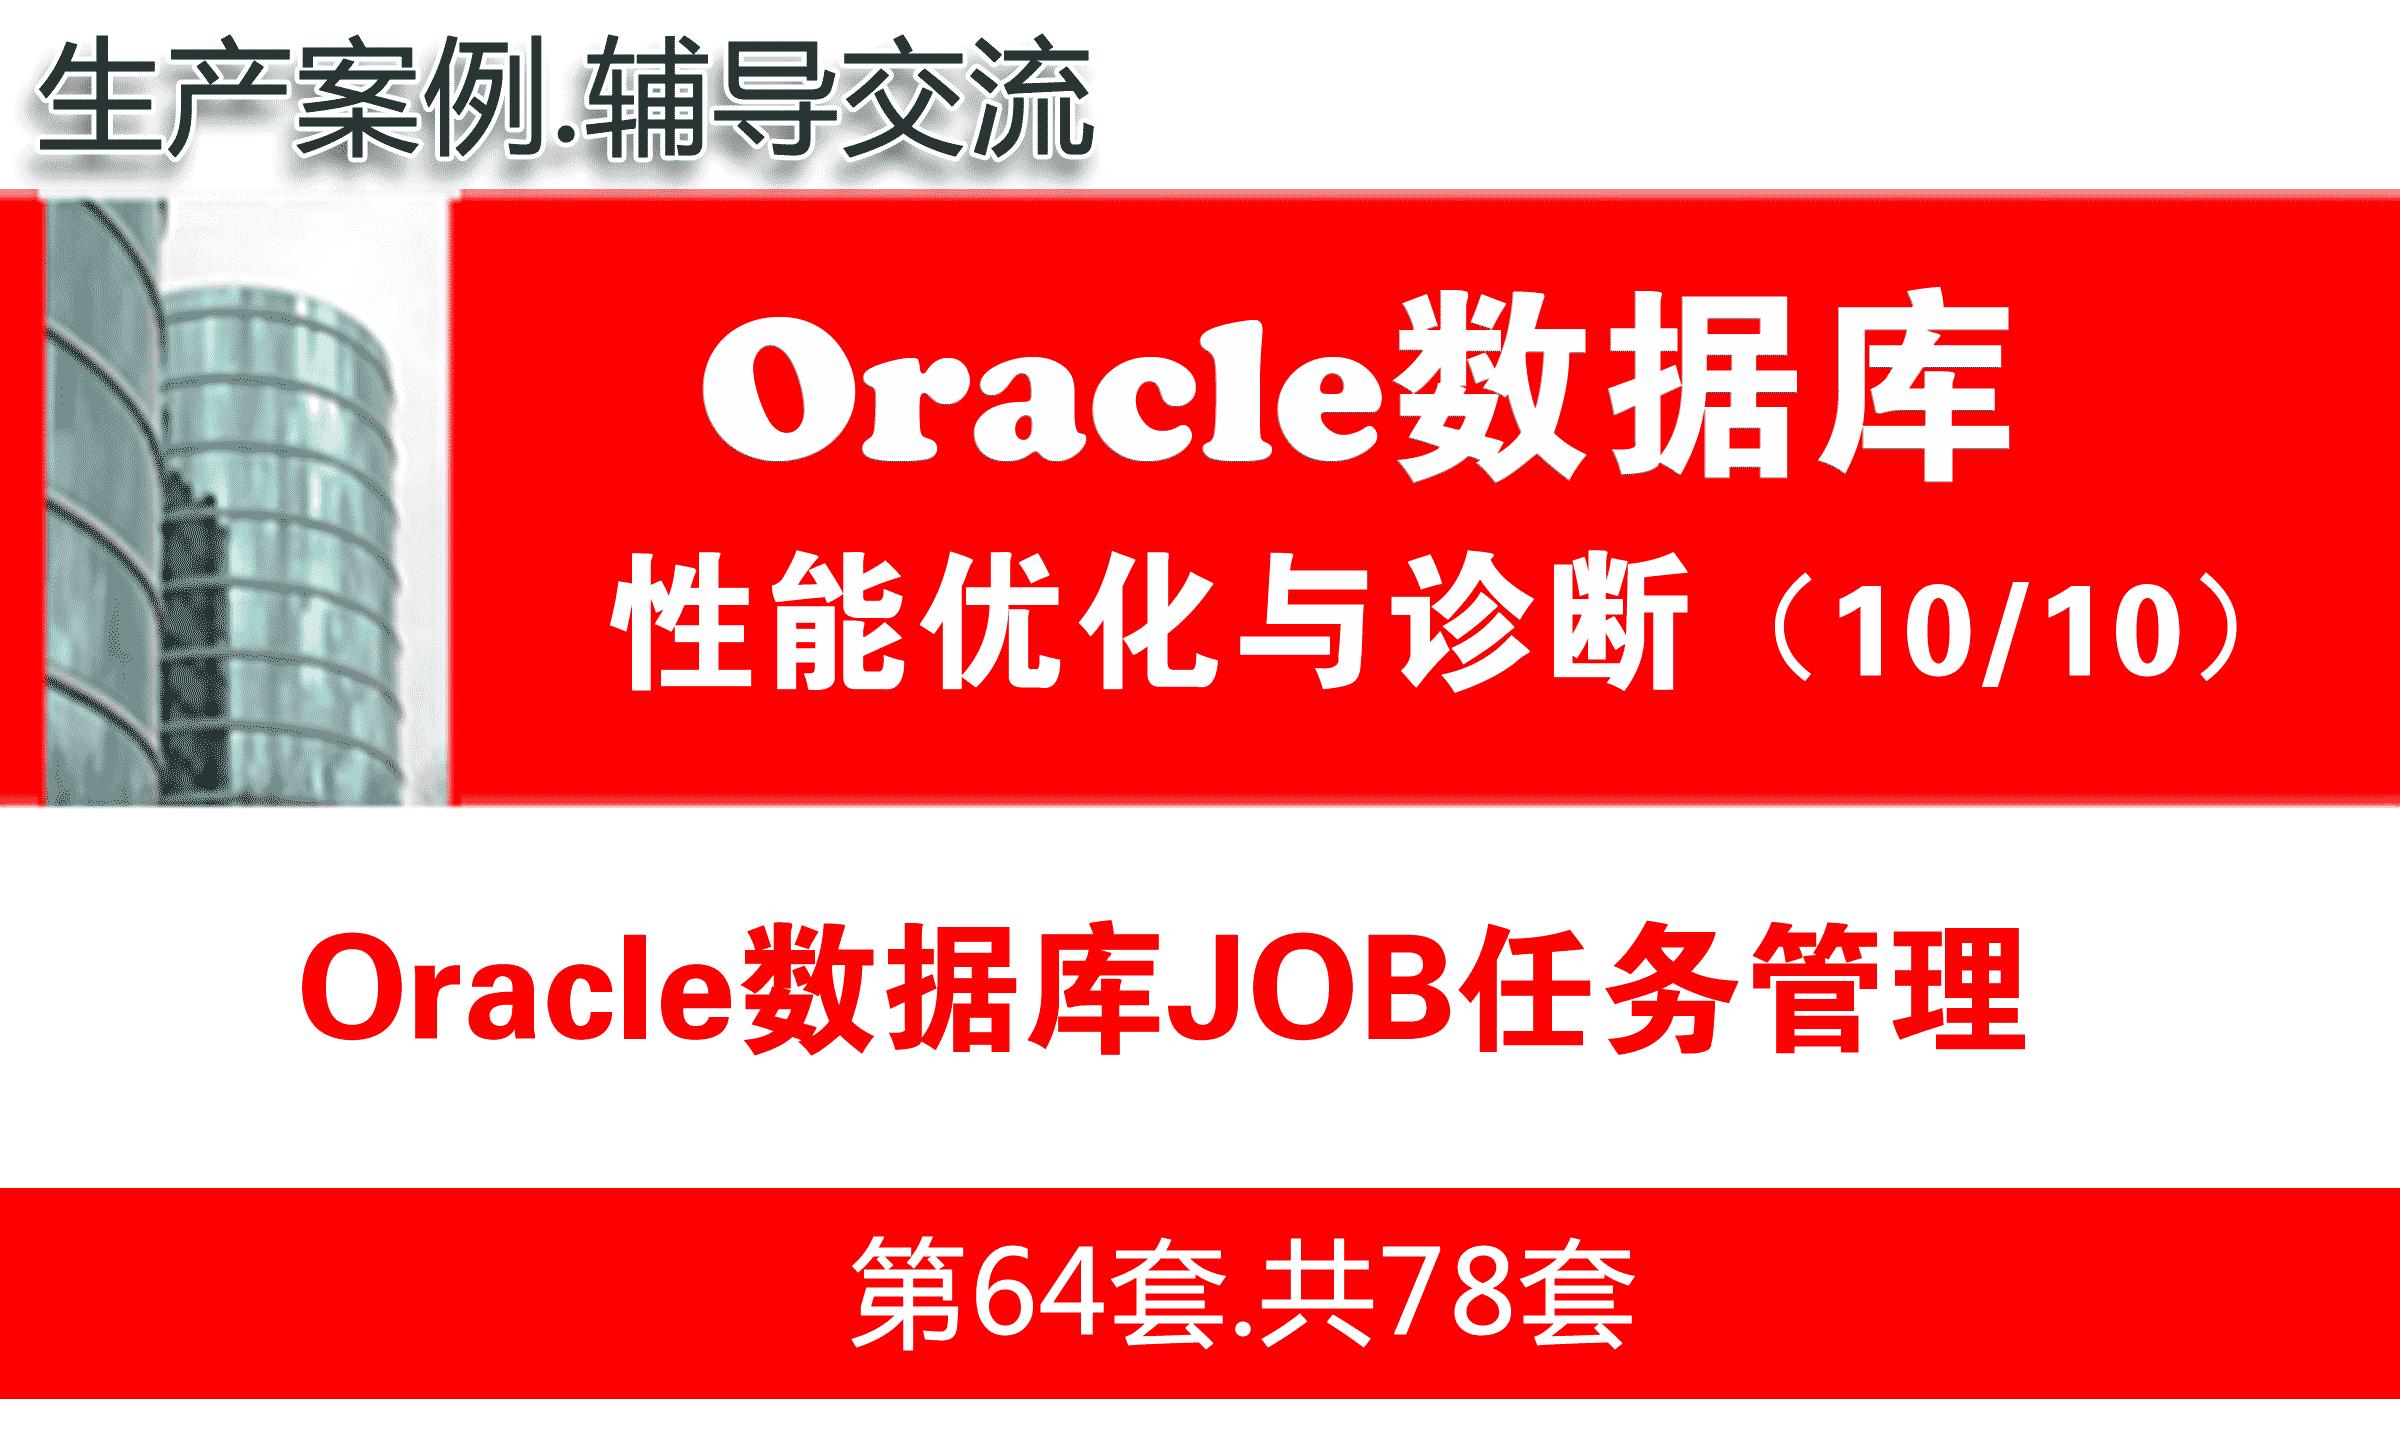 Oracle数据库JOB任务管理_Oracle性能优化与故障诊断教程10